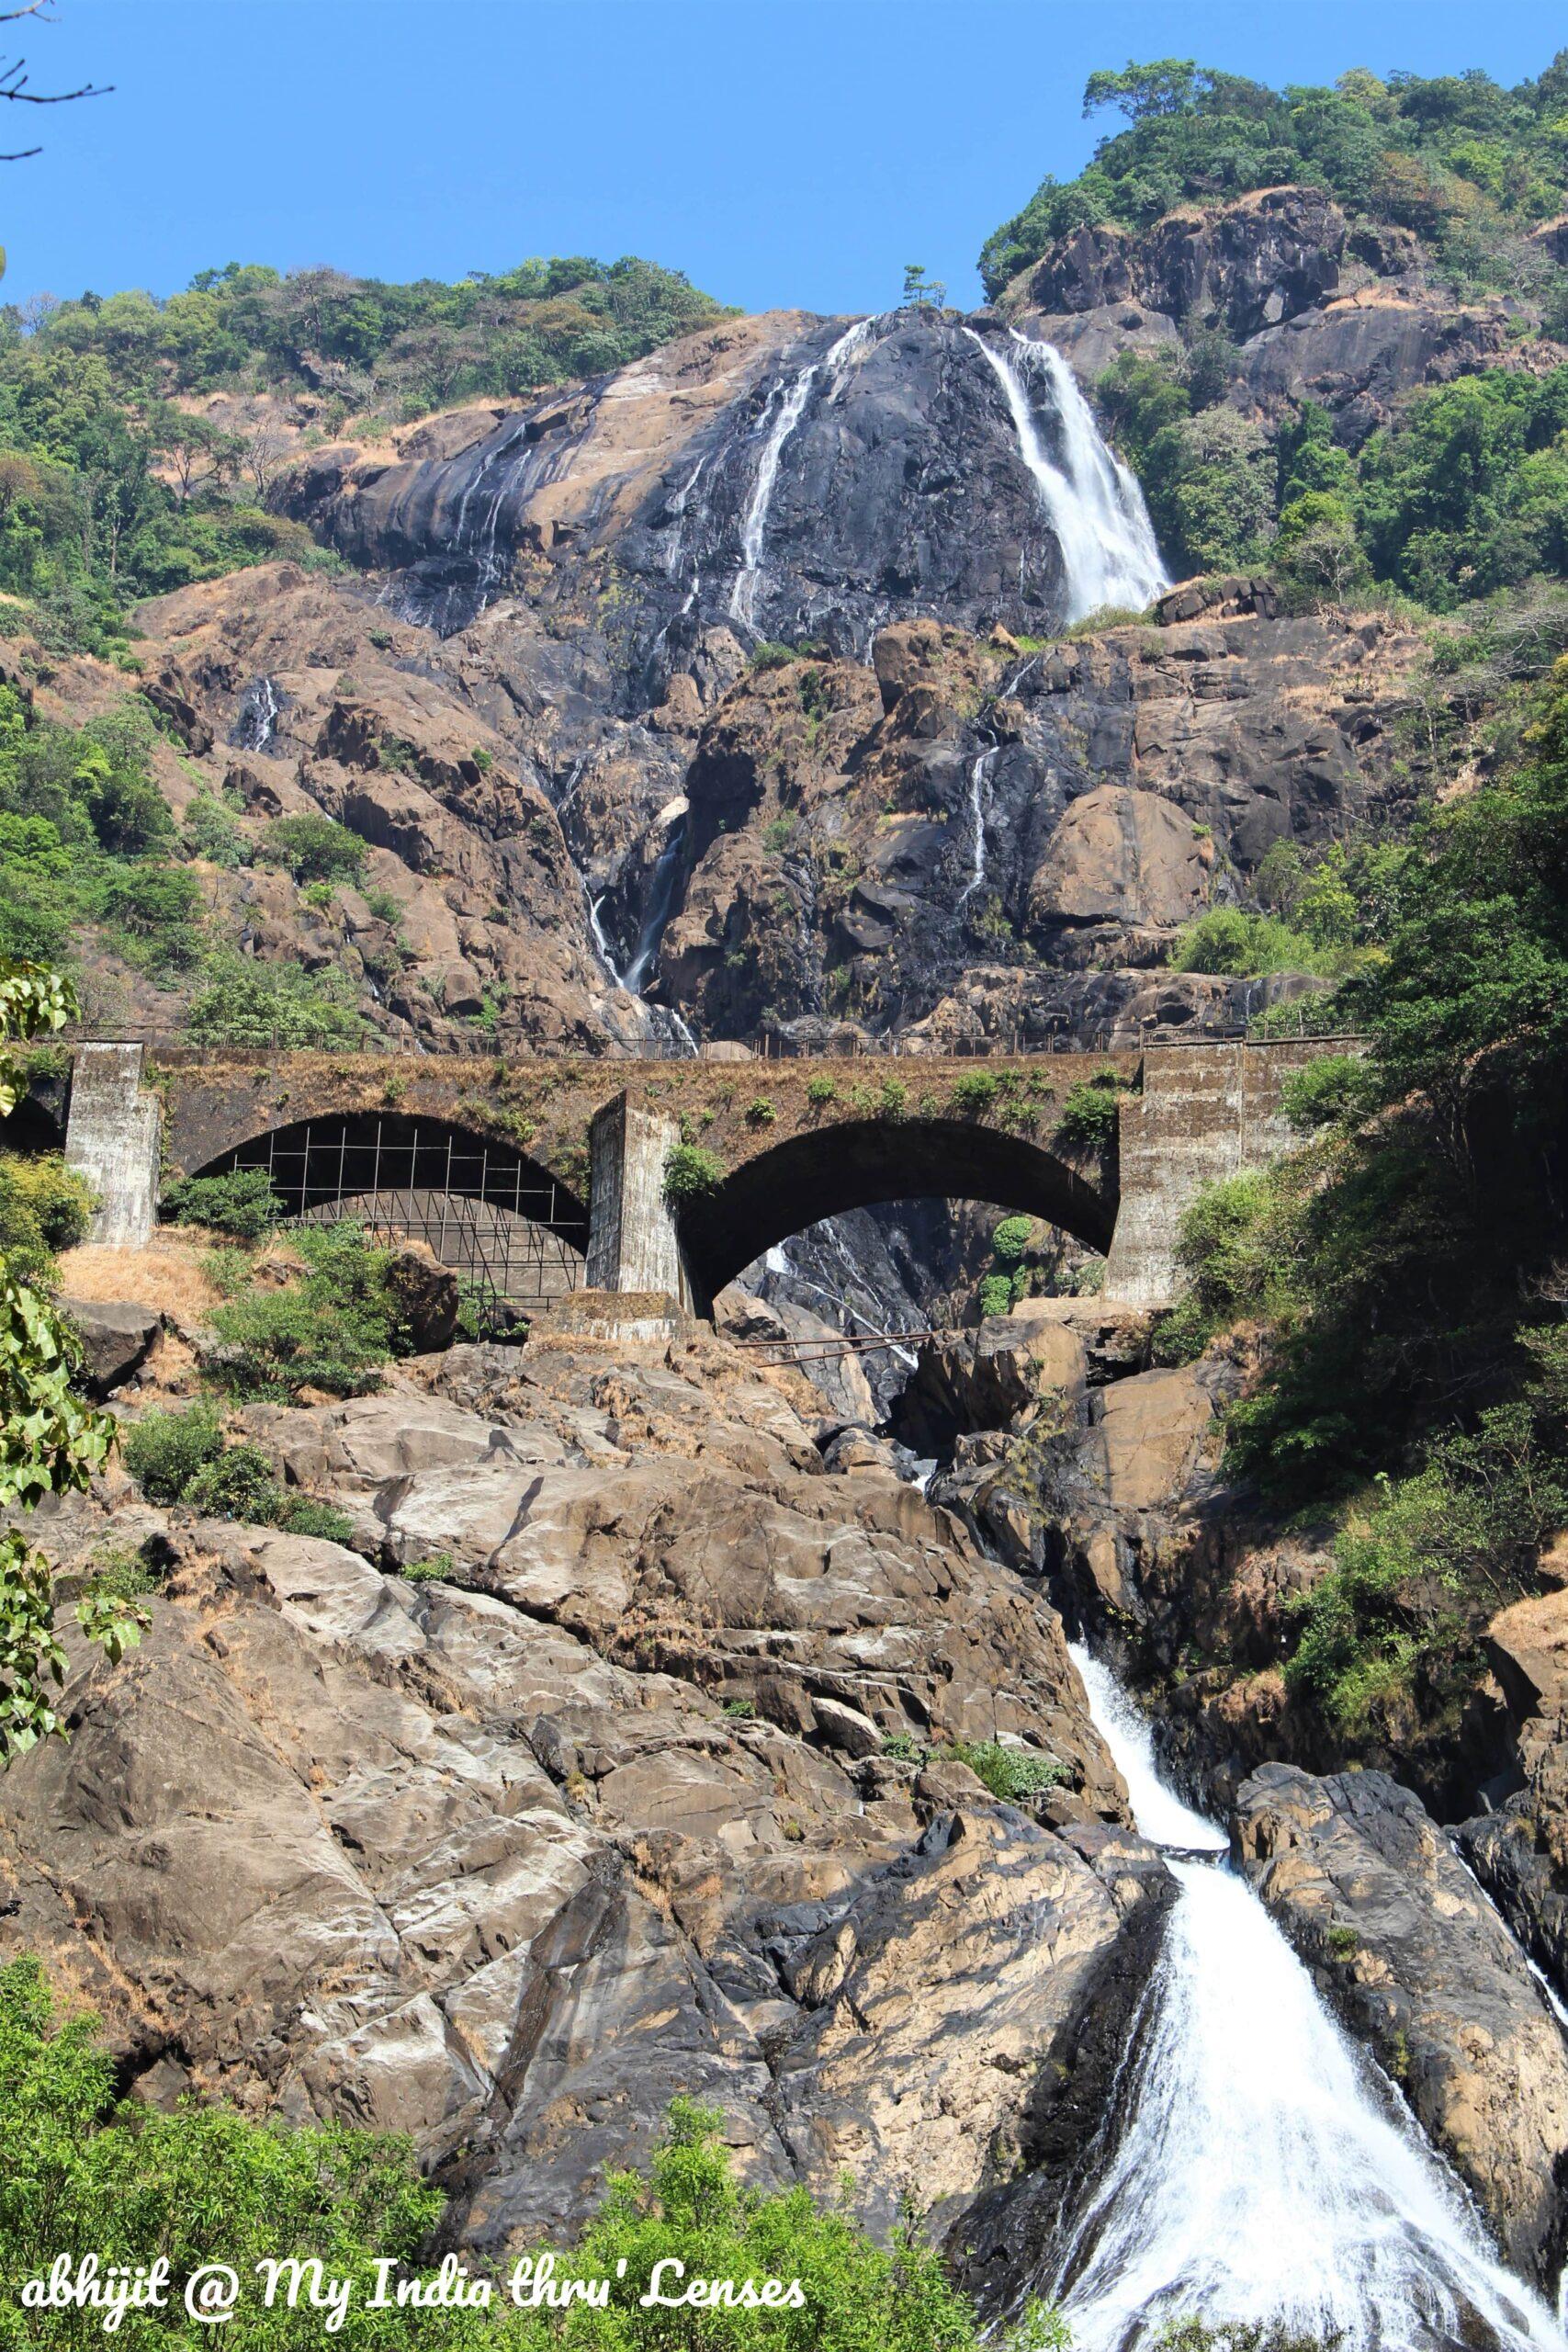 The Dudhsagar Falls